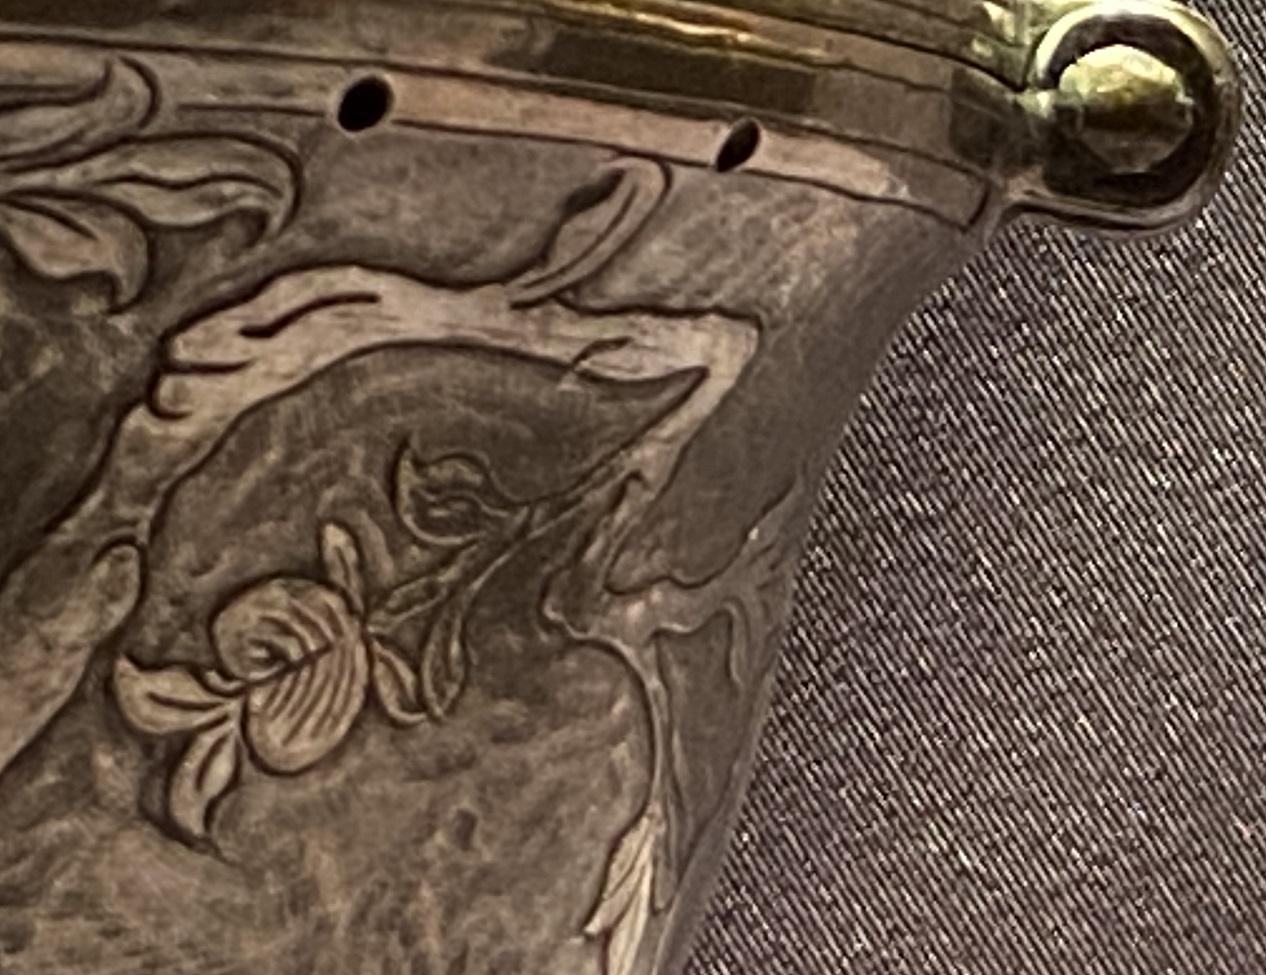 銅鏨花碗套 -特別展【七宝玲瓏-ヒマラヤからの芸術珍品】-金沙遺跡博物館-成都